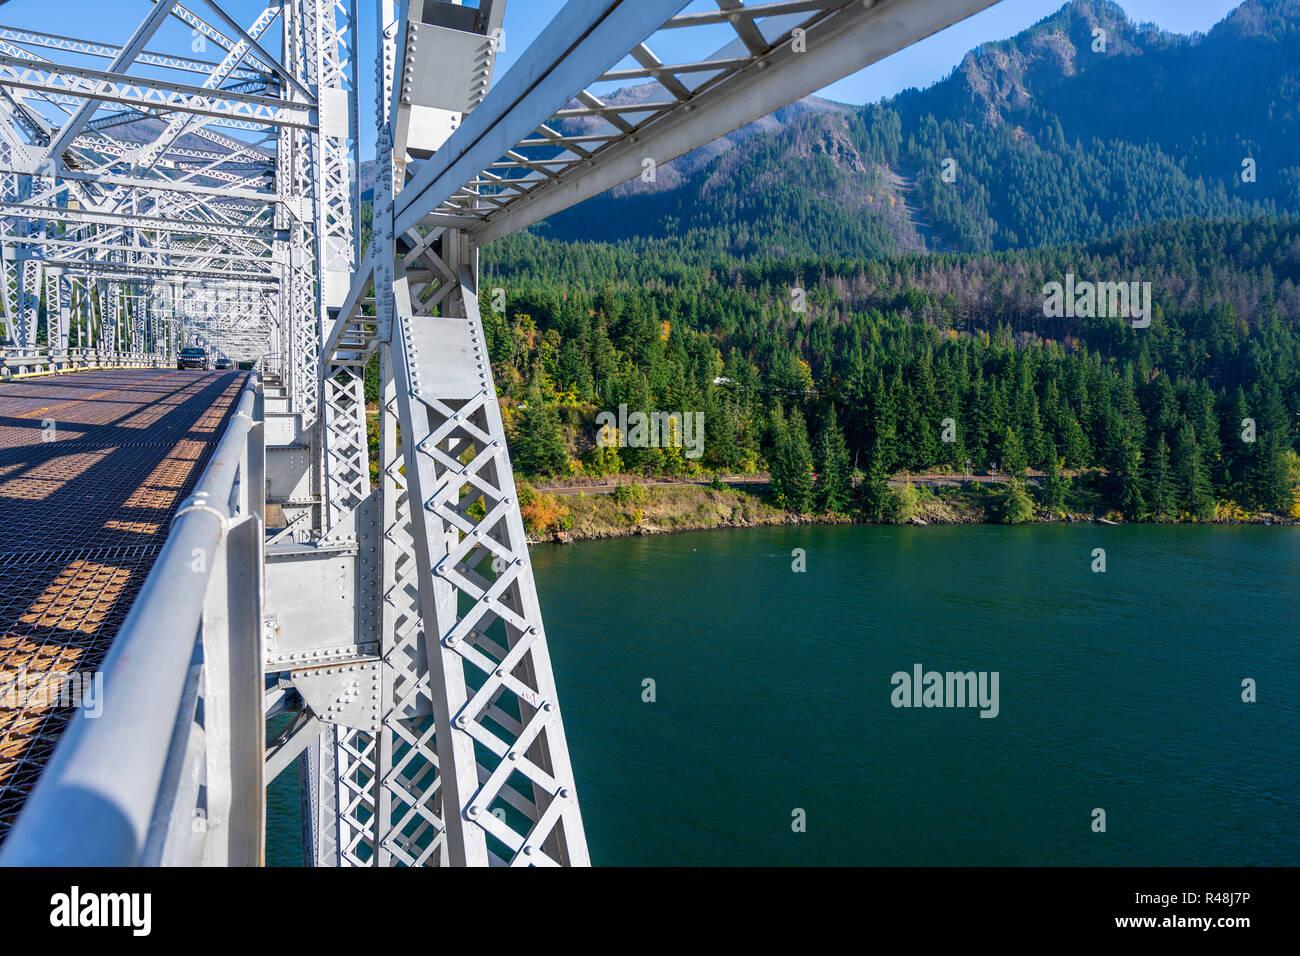 Le Pont de la botte de Dieu au-dessus de la rivière Columbia est situé dans un quartier pittoresque de Columbia Gorge, avec des collines et montagnes rocheuses couvertes de forêts - un Banque D'Images